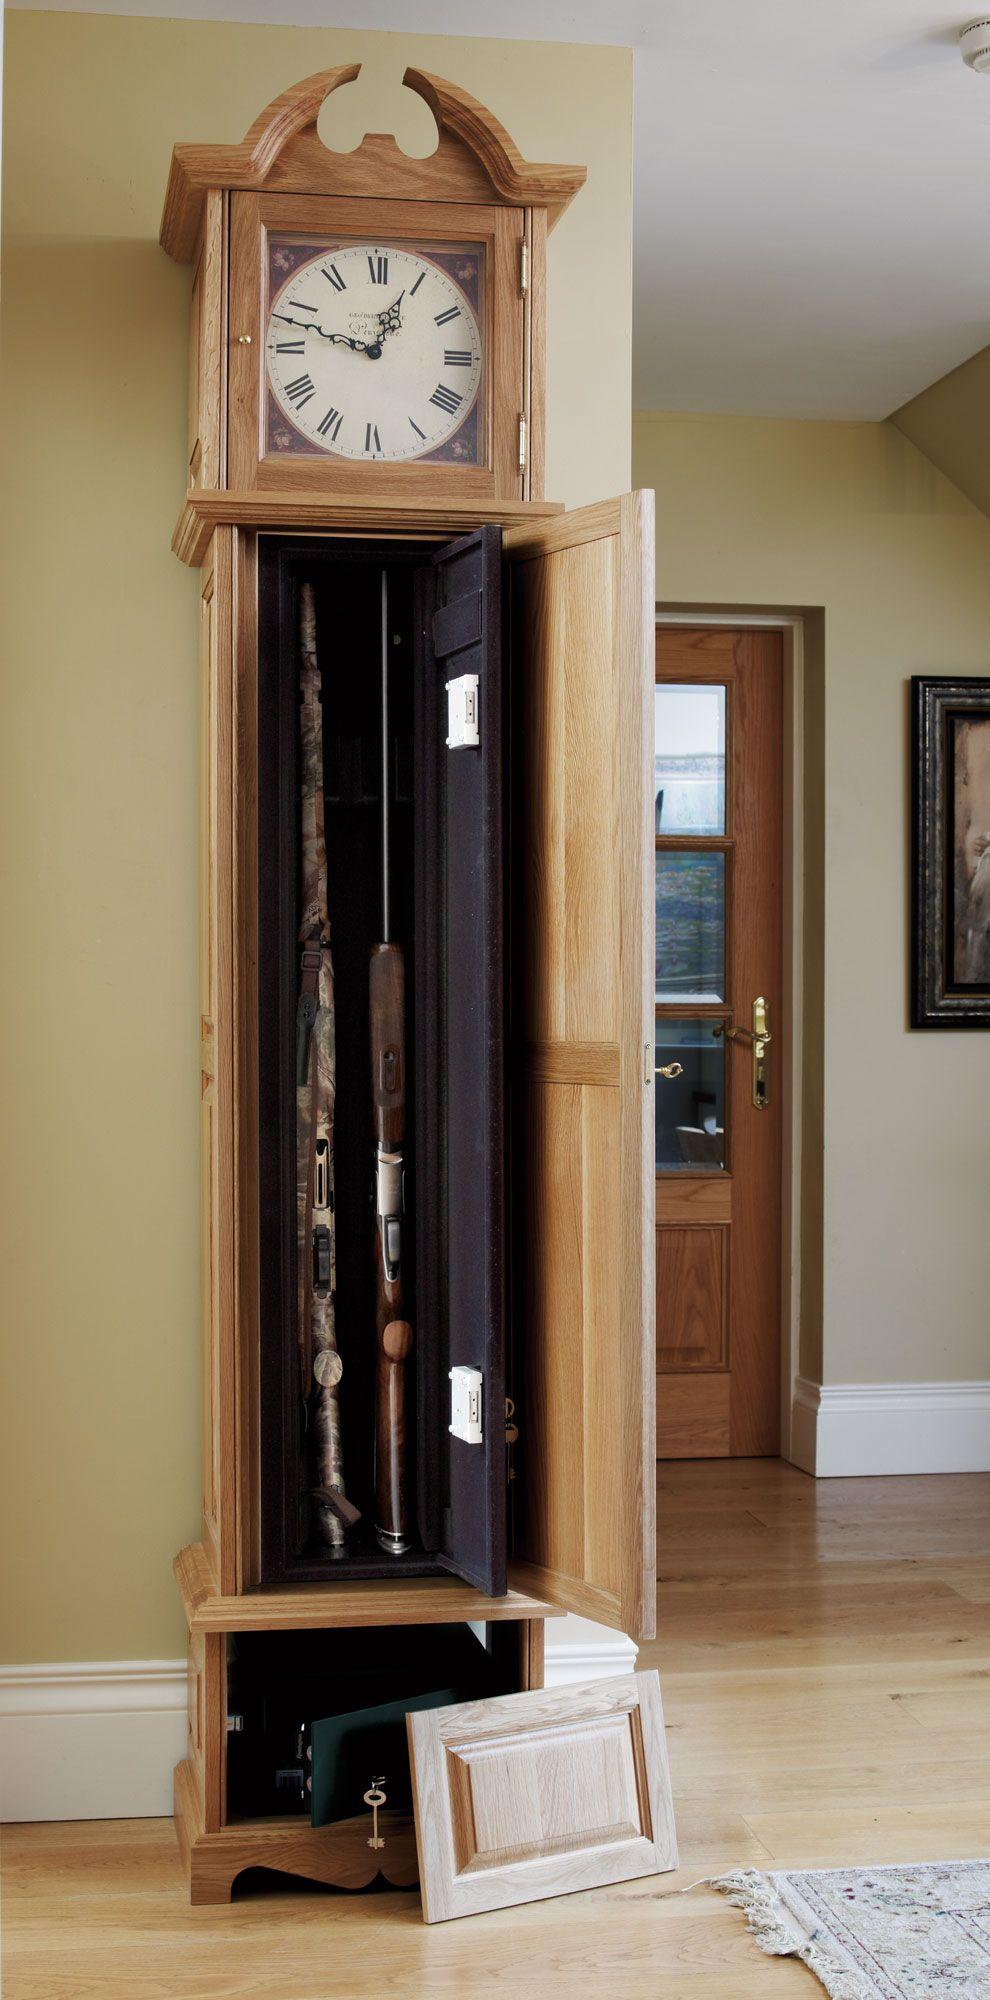 Grandfather clock gun safe i love hidden compartments for Cool hidden compartments